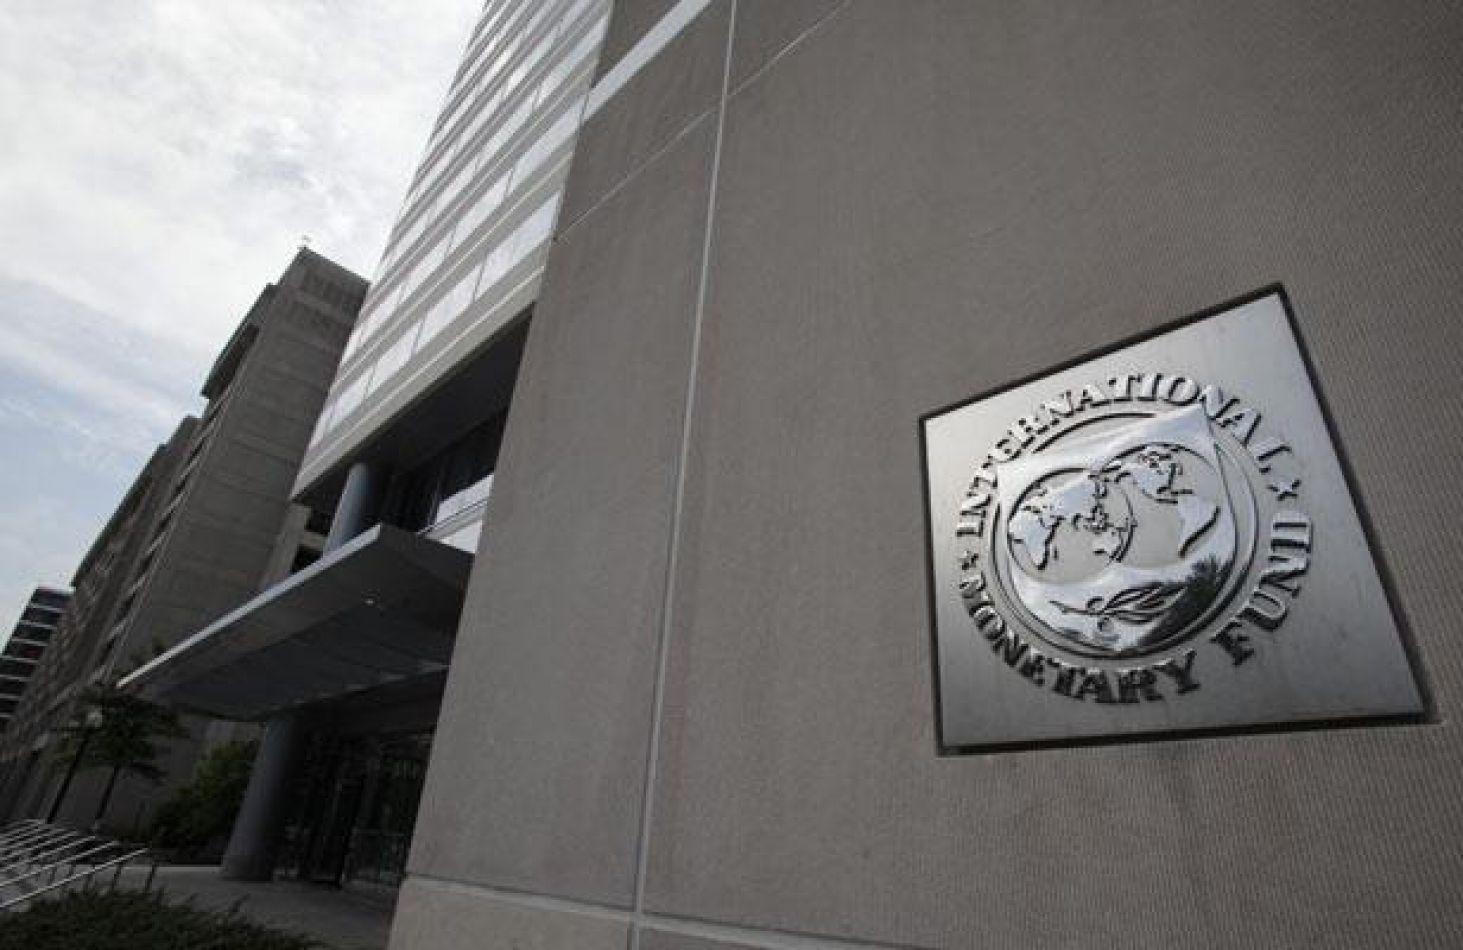 El FMI prevé que este año la economía argentina crecerá un 2,2% y que la inflación cerrará en 21,6%a